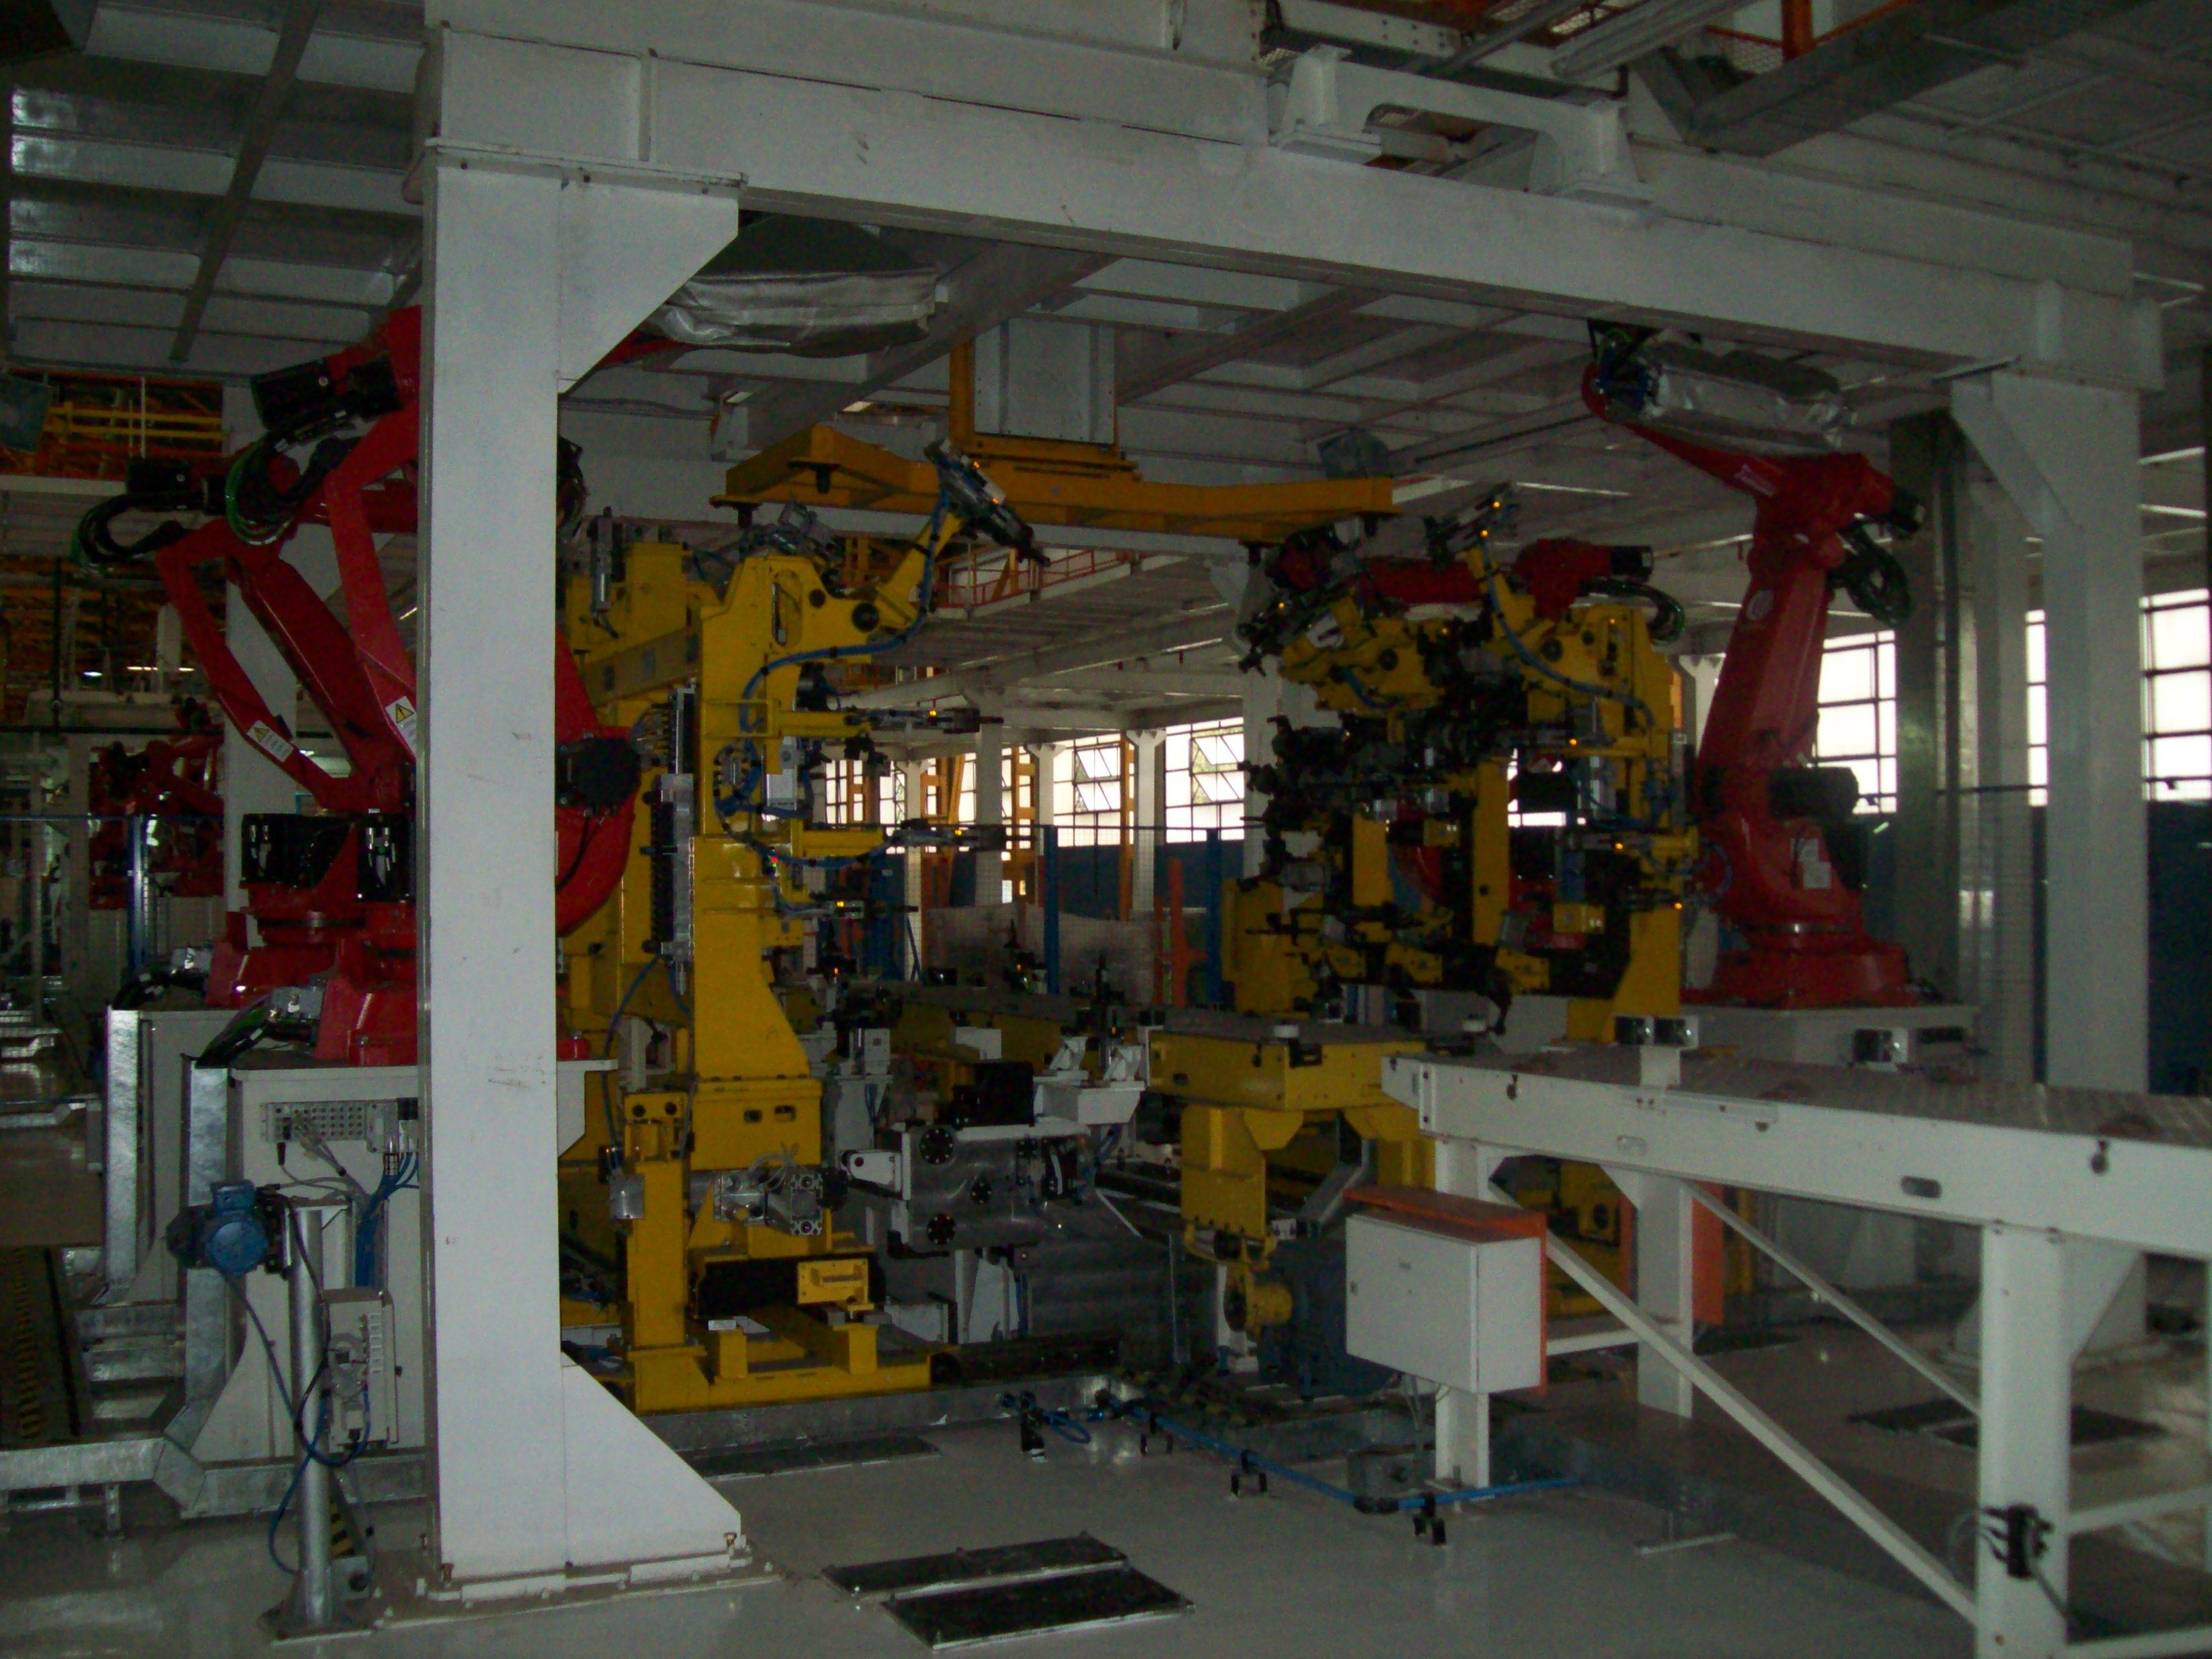 (Português do Brasil) Traslado de instalações de produção